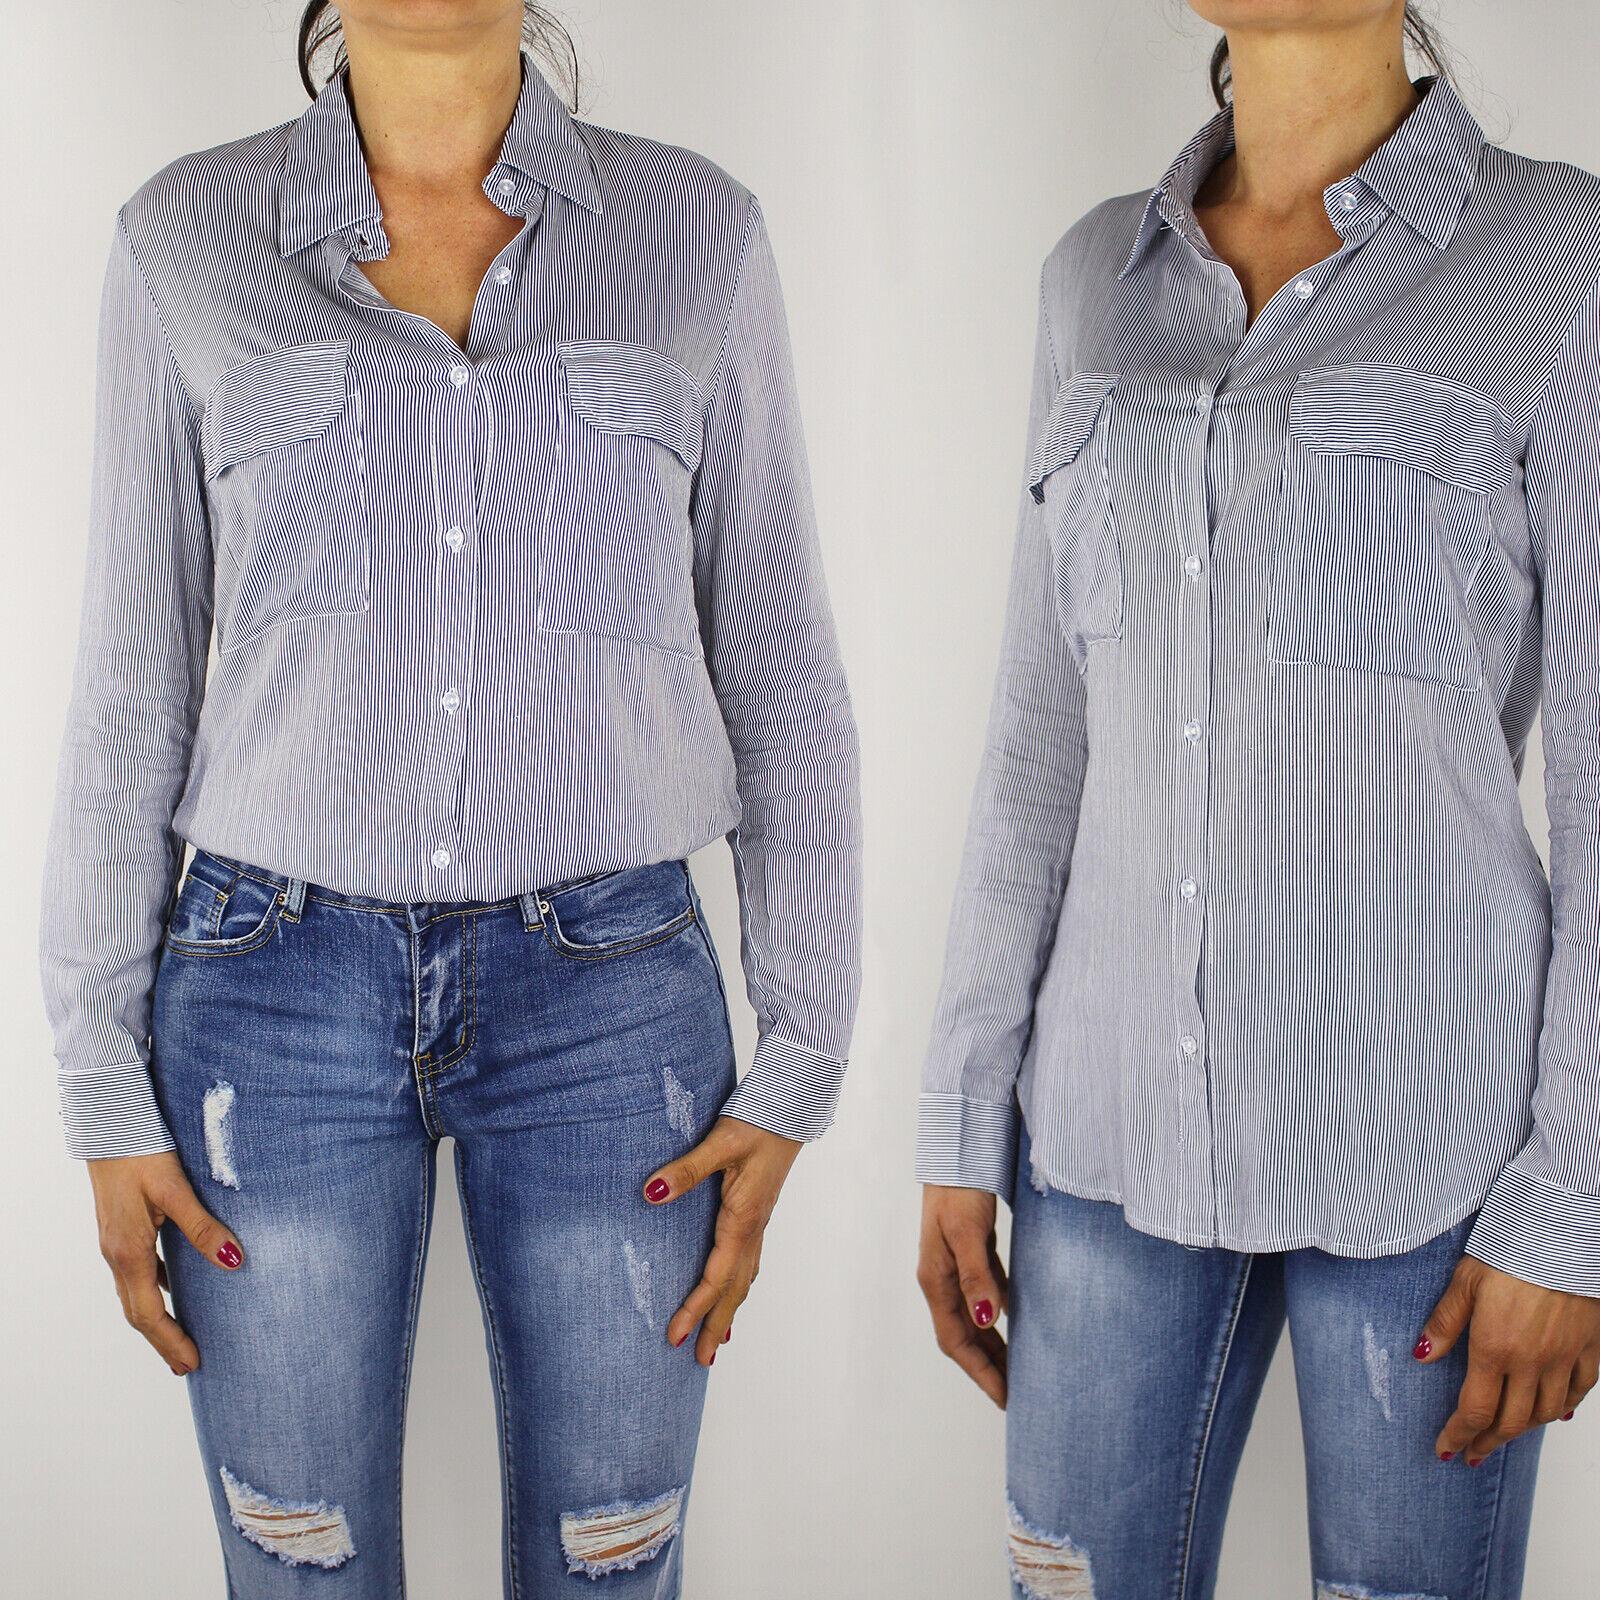 Camicia Donna Cotone Righe Slim Fit Manica Lunga Aderente Camicetta Casual VEQUE